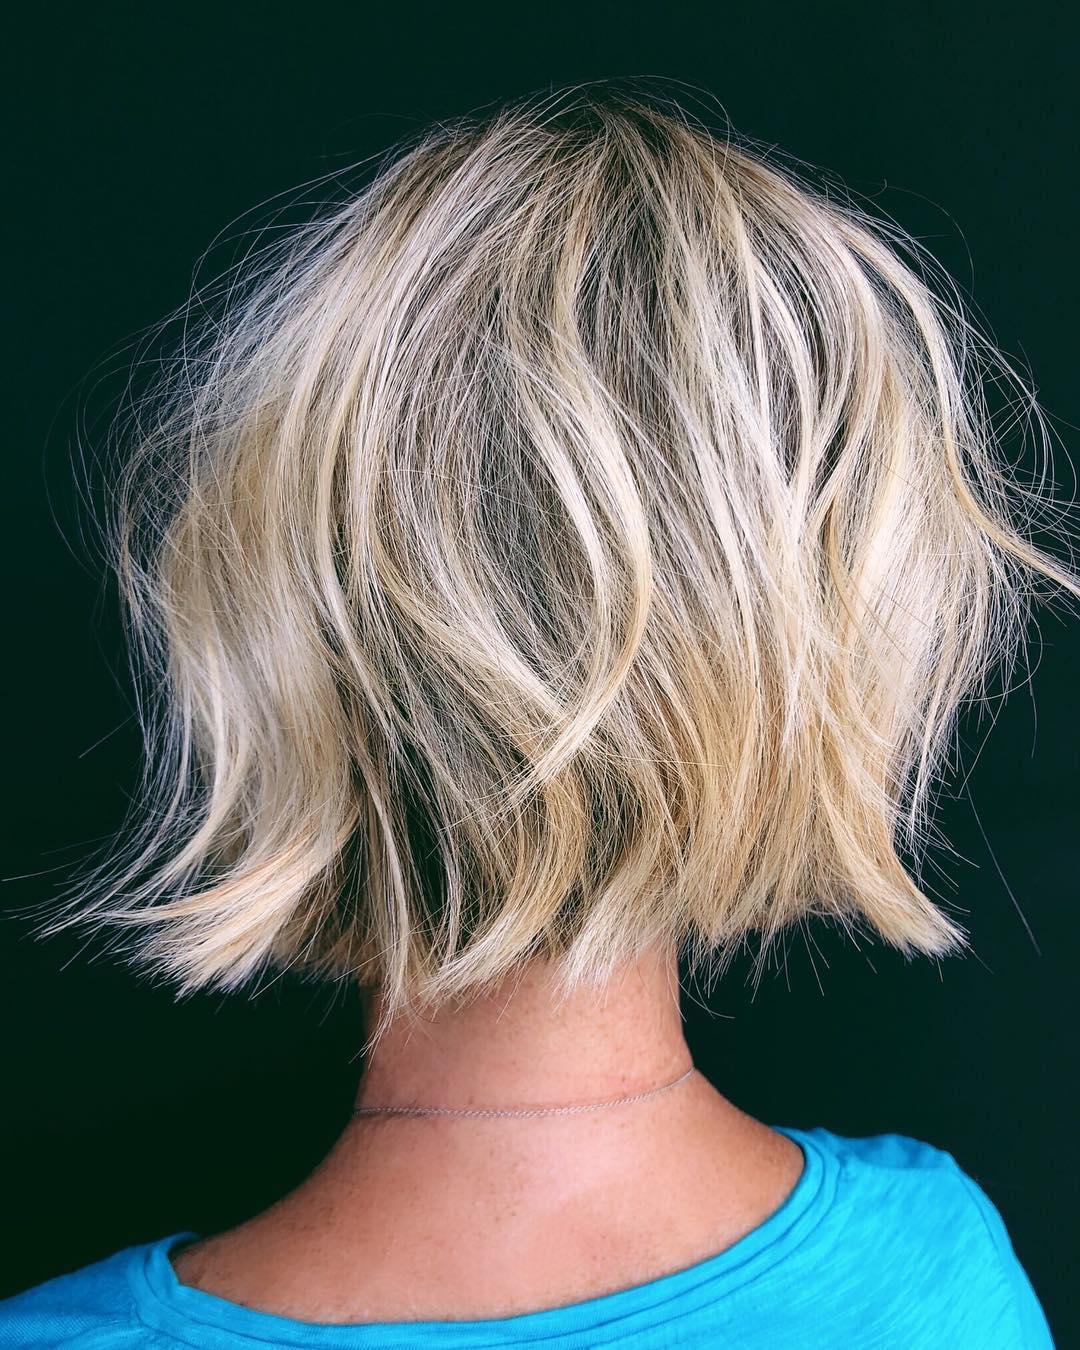 Short Hairstyles for Thick Hair, Women Short Haircut Ideas 2019